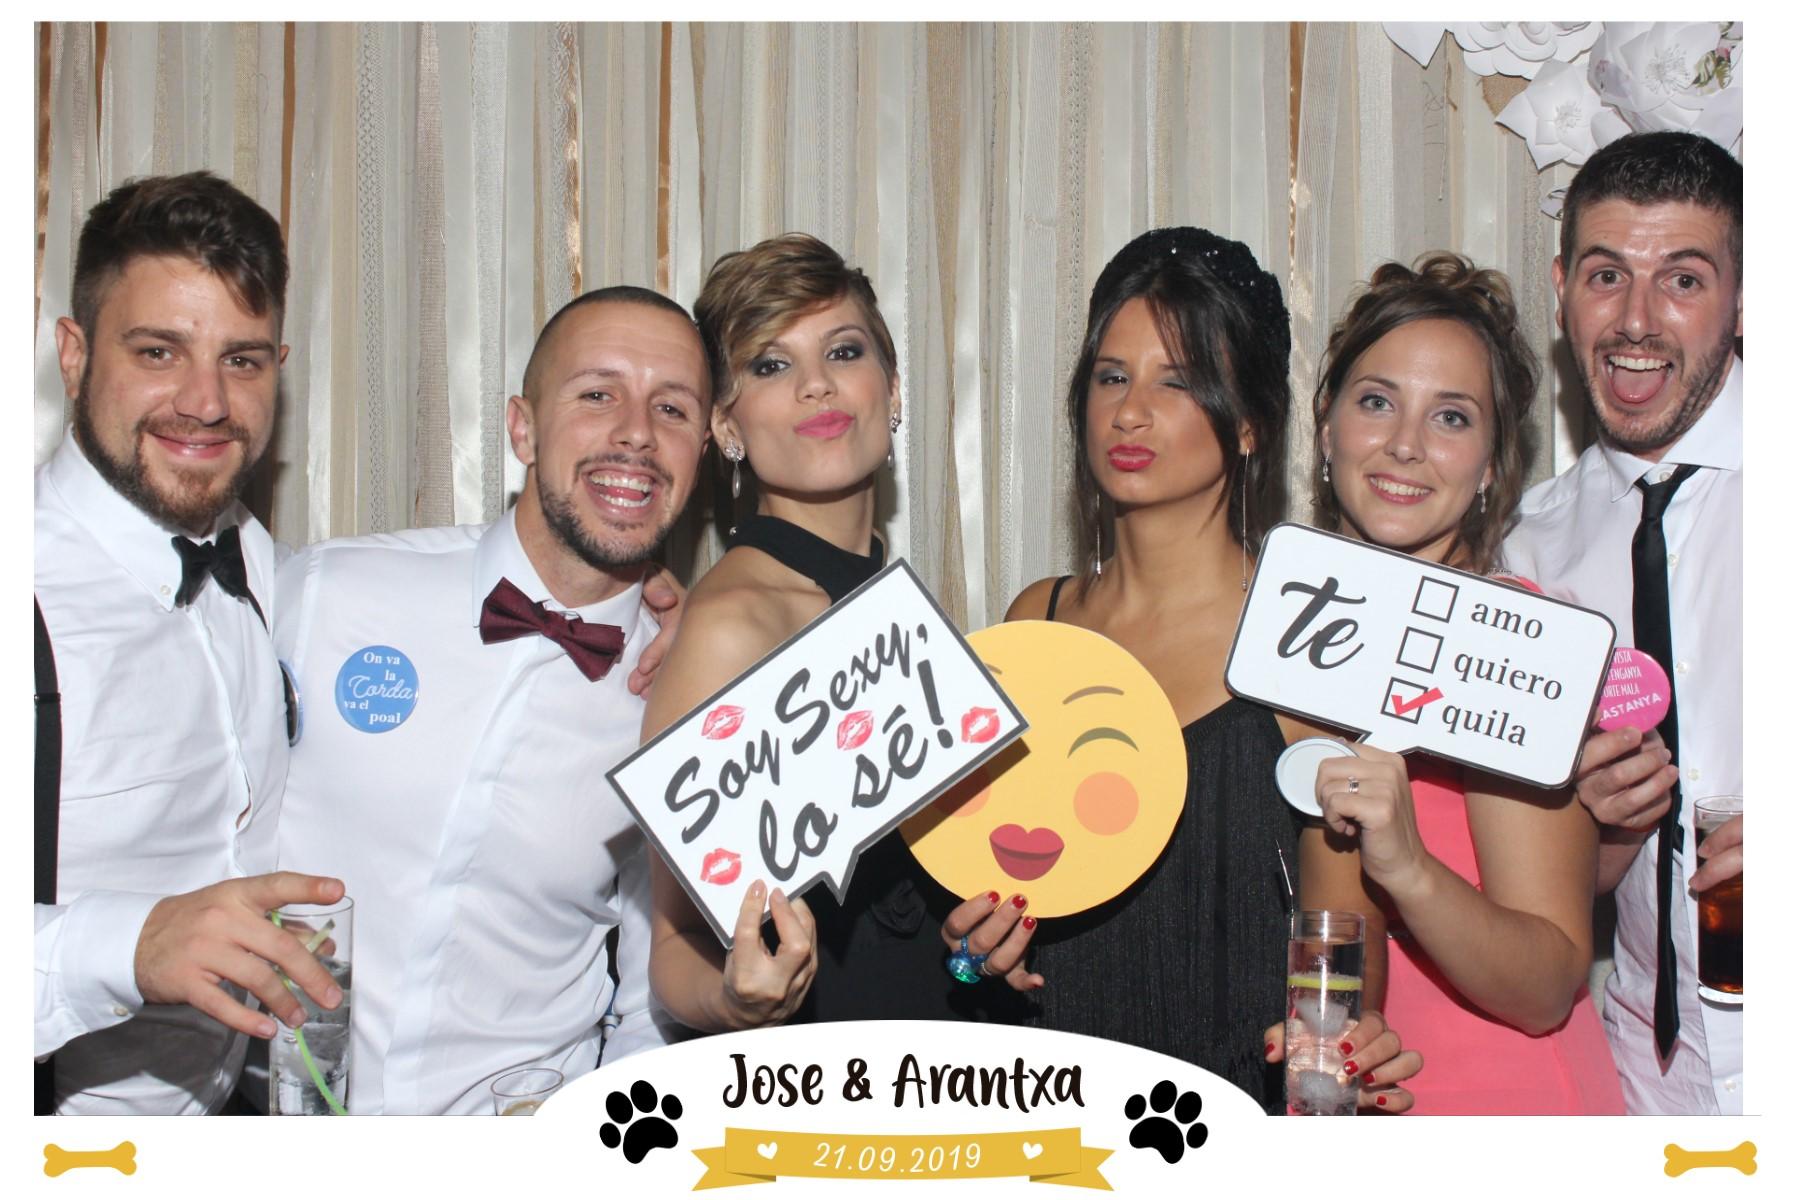 Jose y Arantxa 21092019 MrFotomaton (14)